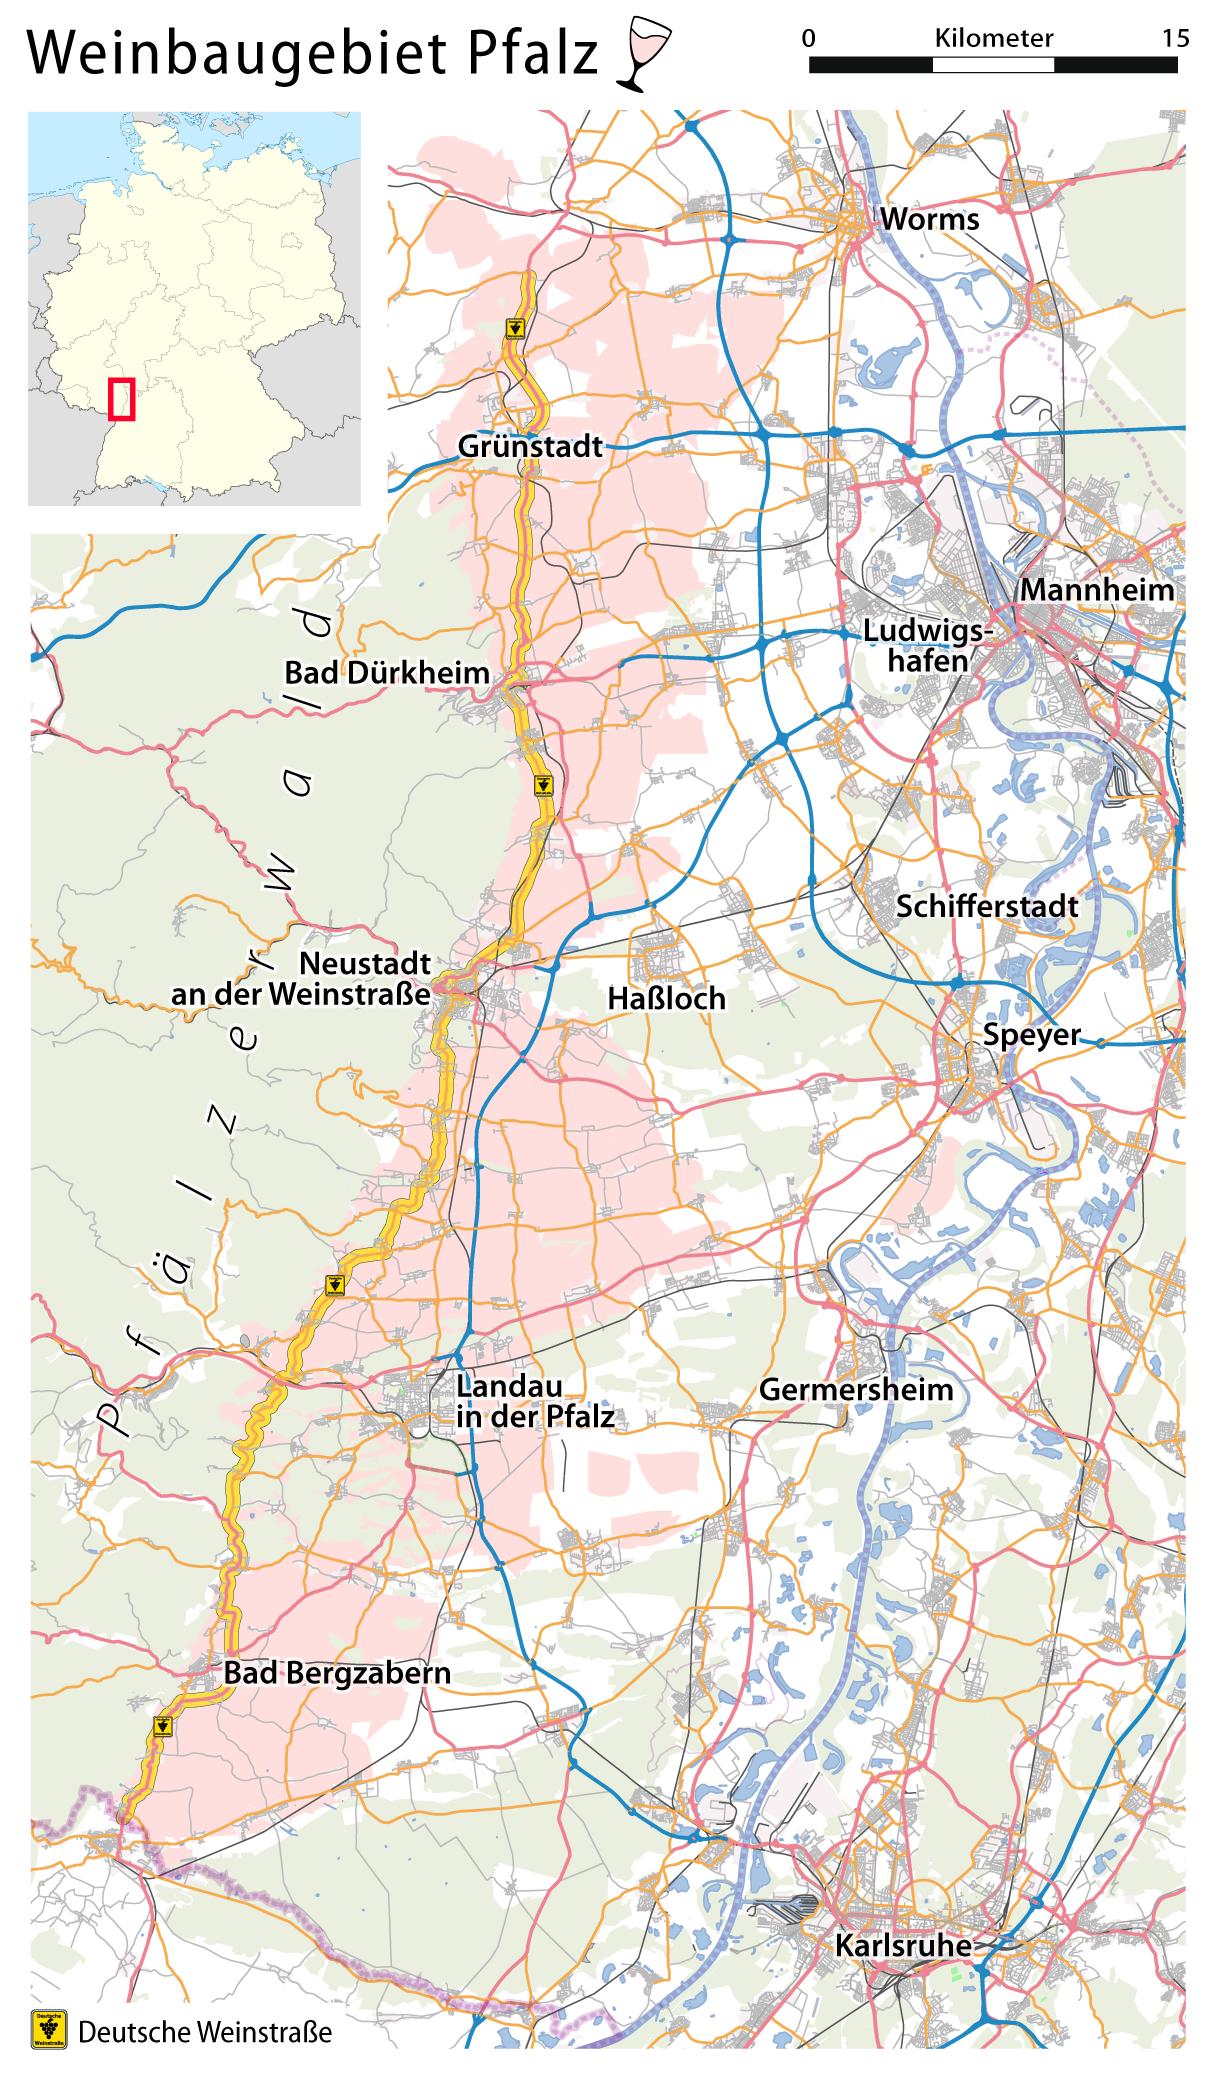 Karte vom Weinbaugebiet Pfalz.png